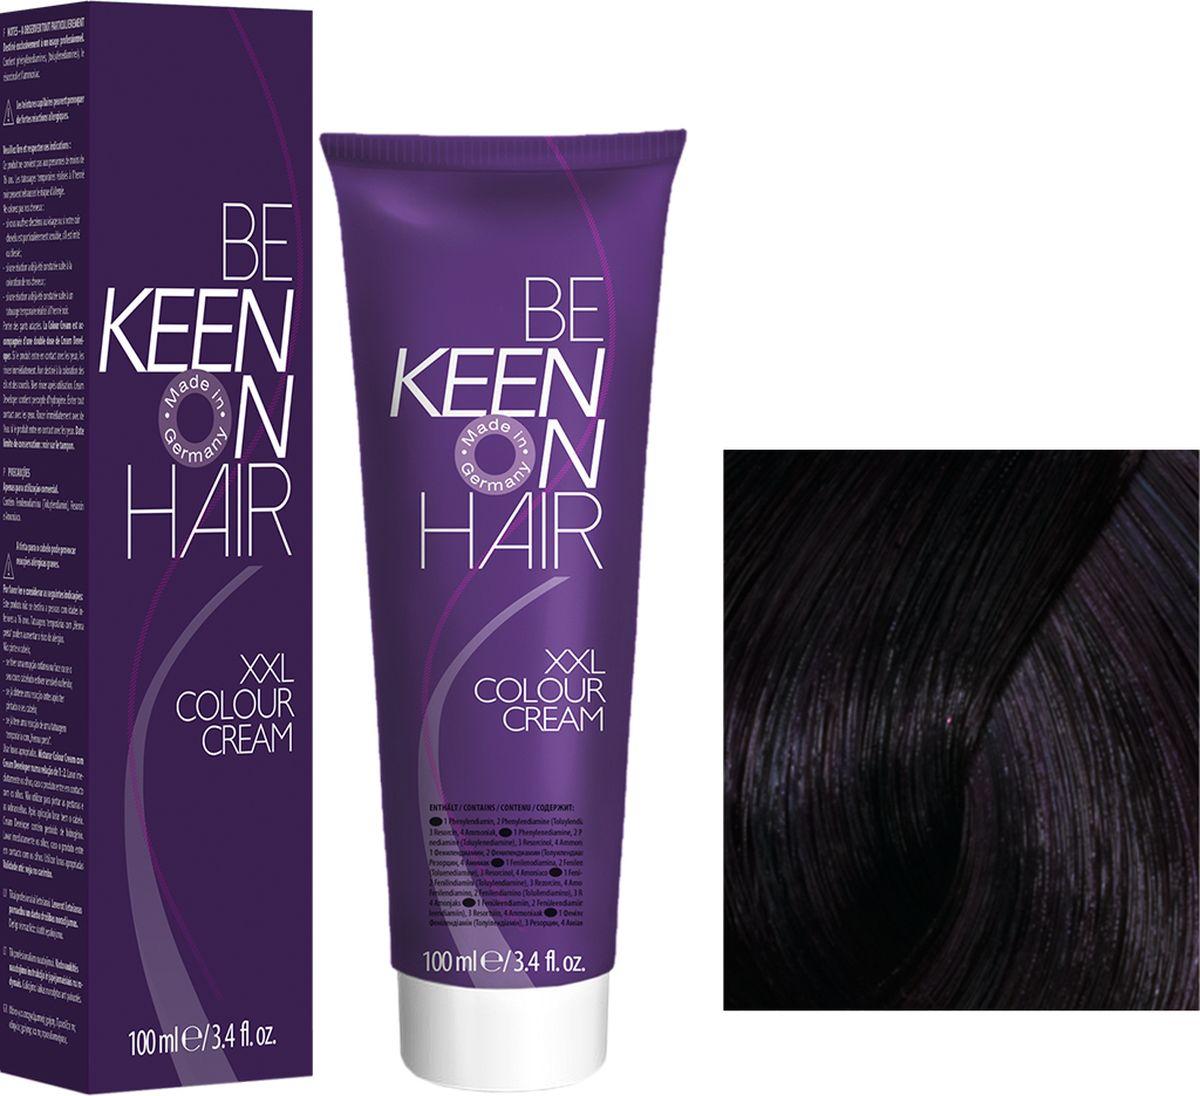 Keen Краска для волос 1.8 Иссиня-черный Blau-Schwarz, 100 мл69100009Модные оттенкиБолее 100 оттенков для креативной комбинации цветов.ЭкономичностьПри использовании тюбика 100 мл вы получаете оптимальное соотношение цены и качества!УходМолочный белок поддерживает структуру волоса во время окрашивания и придает волосам блеск и шелковистость. Протеины хорошо встраиваются в волосы и снабжают их влагой.